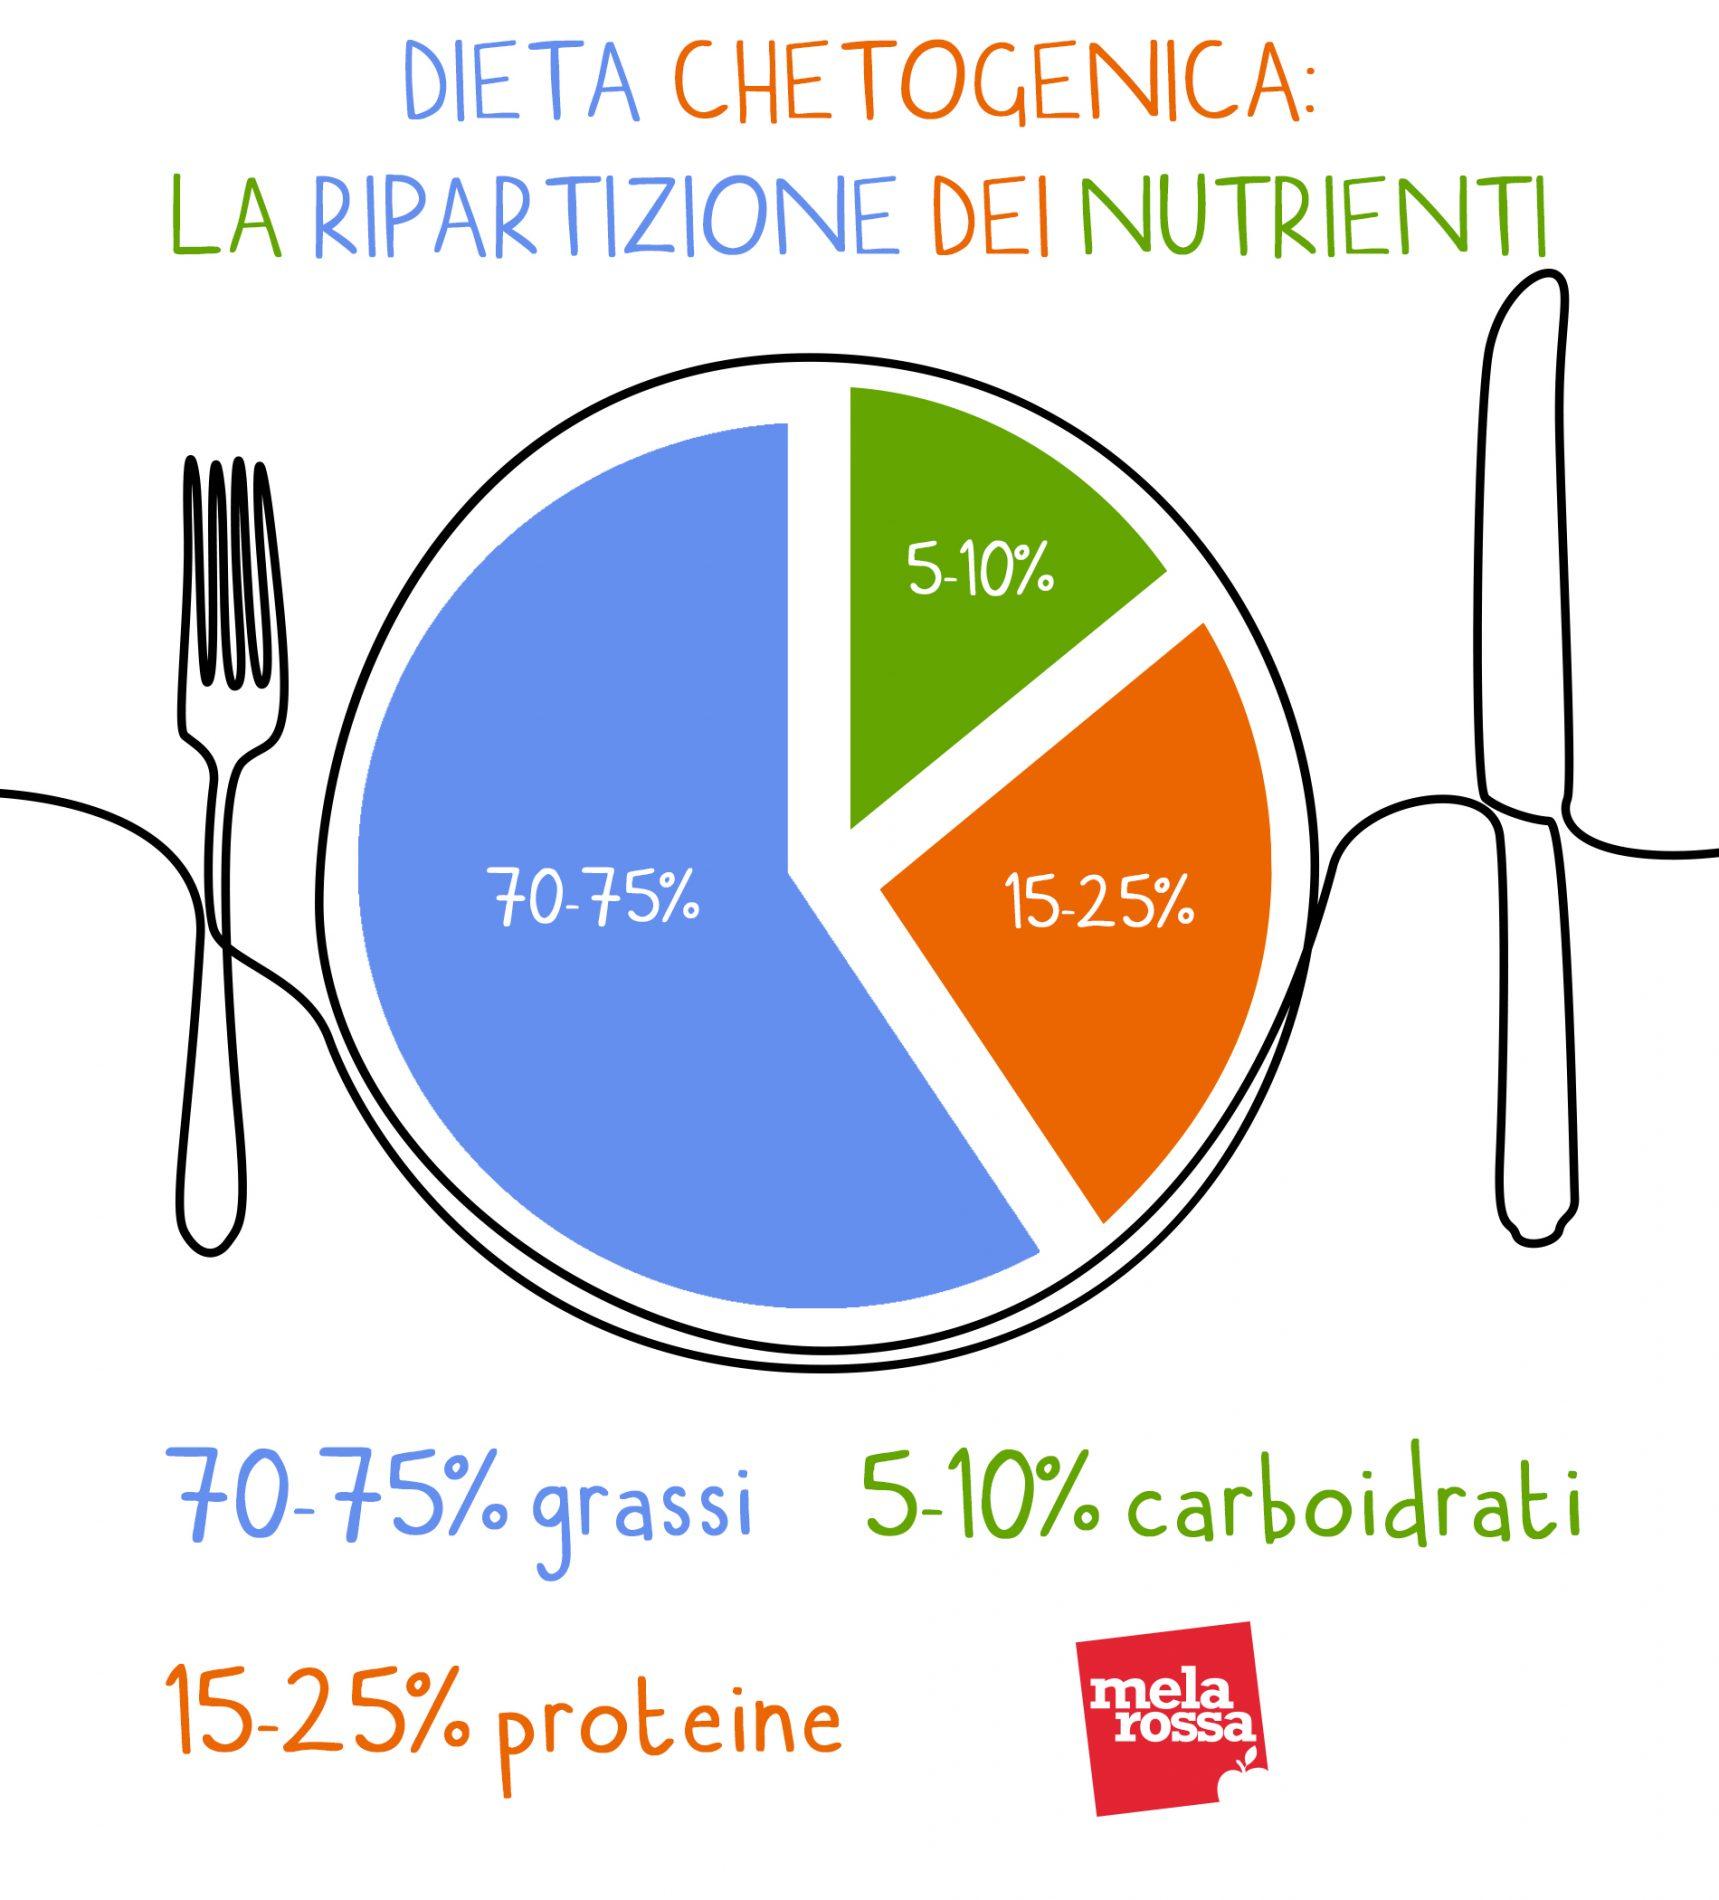 dieta chetogenica: ripartizione percentuale dei nutrienti